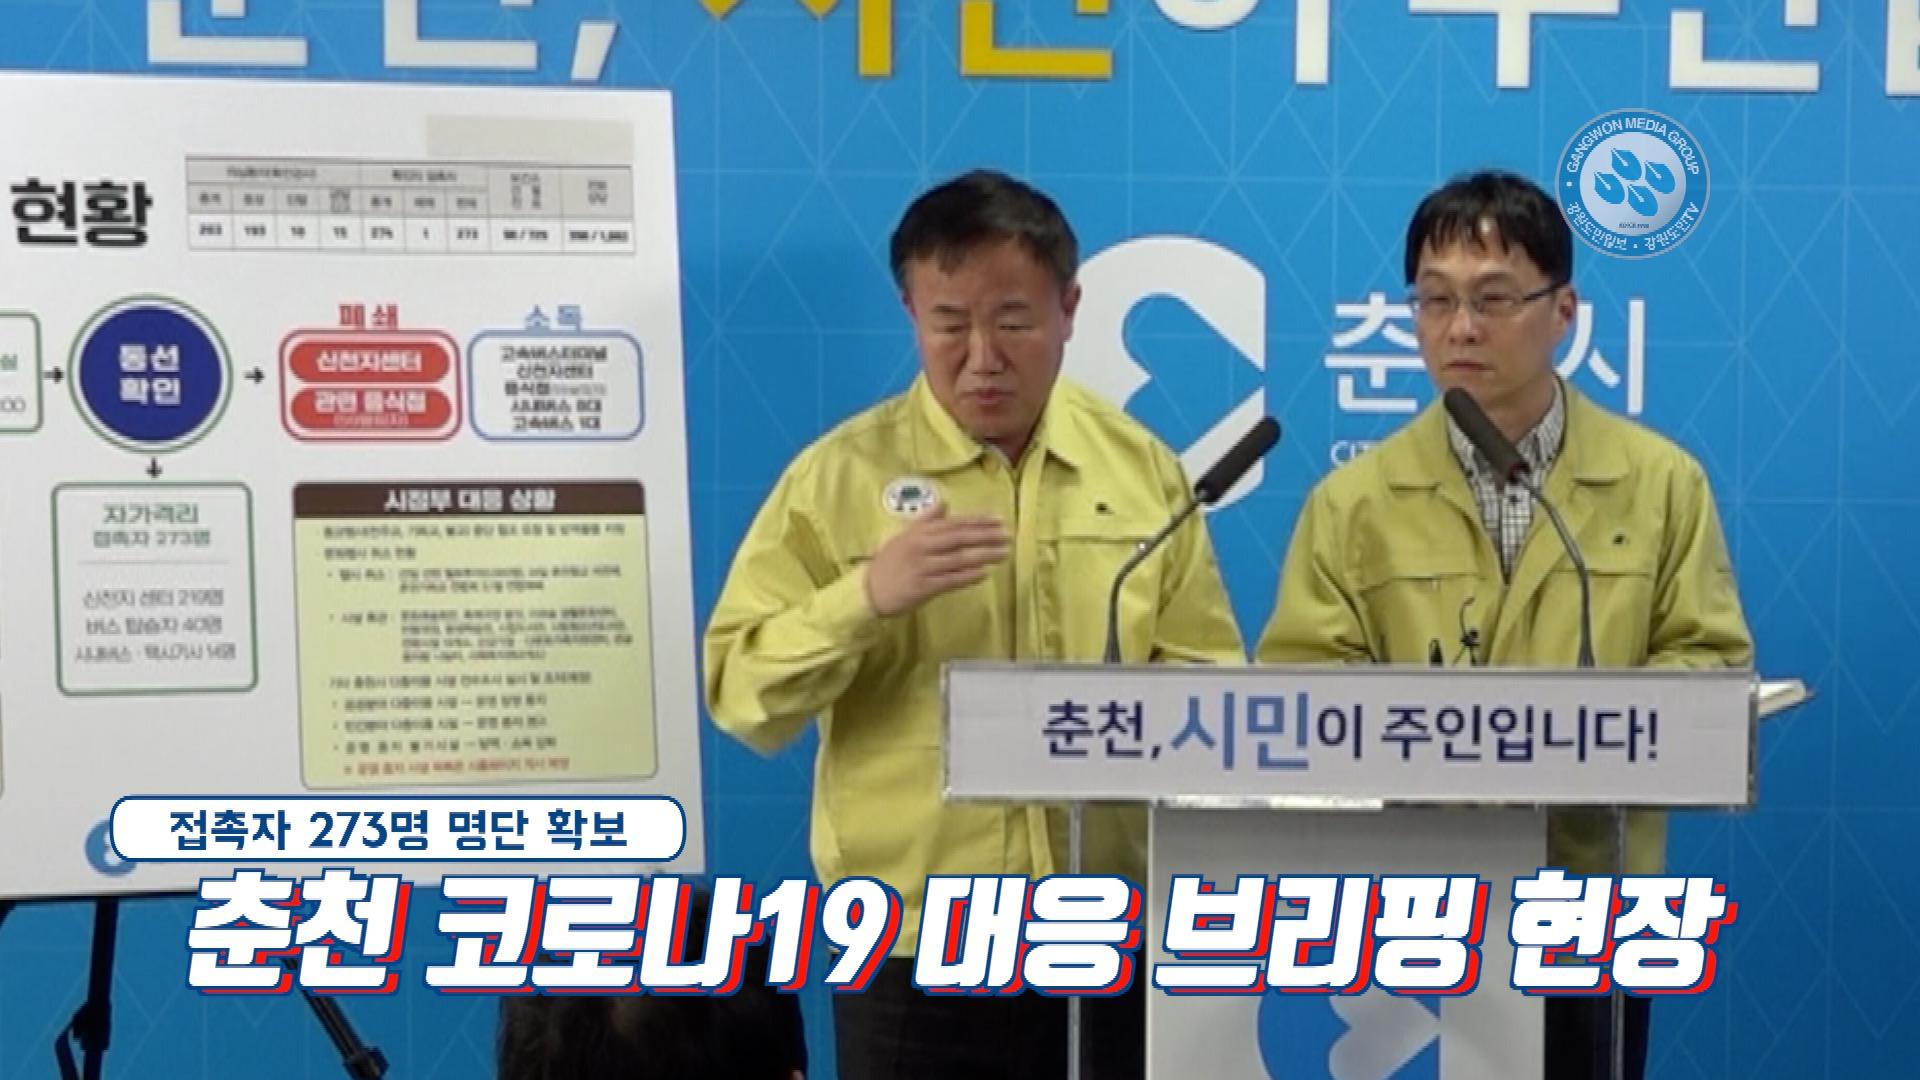 춘천시 코로나19 대응 브리핑 현장